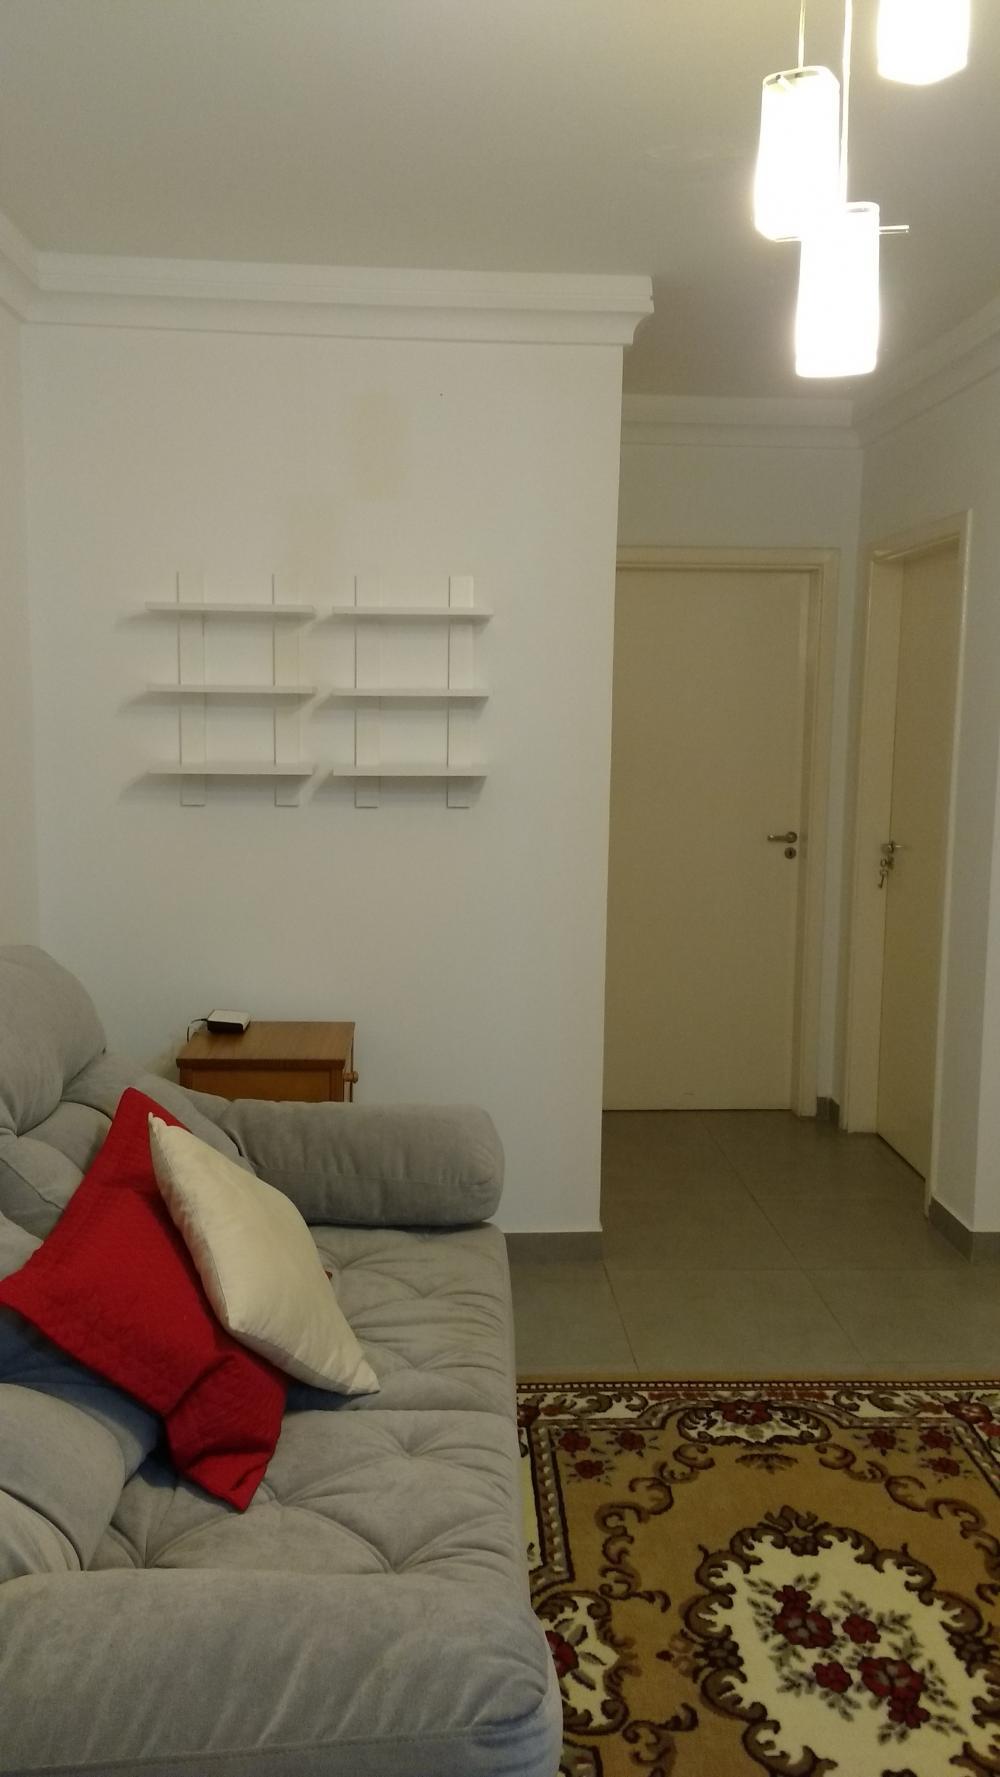 Excelente apartamento, com 55m², com sala, cozinha planejada, 02 dormitórios, com armarios,banheiro. 1 vaga de garagem. Lazer no condomínio. Estuda financiamento e FGTS. Próximo a Rodovia do Açúcar.